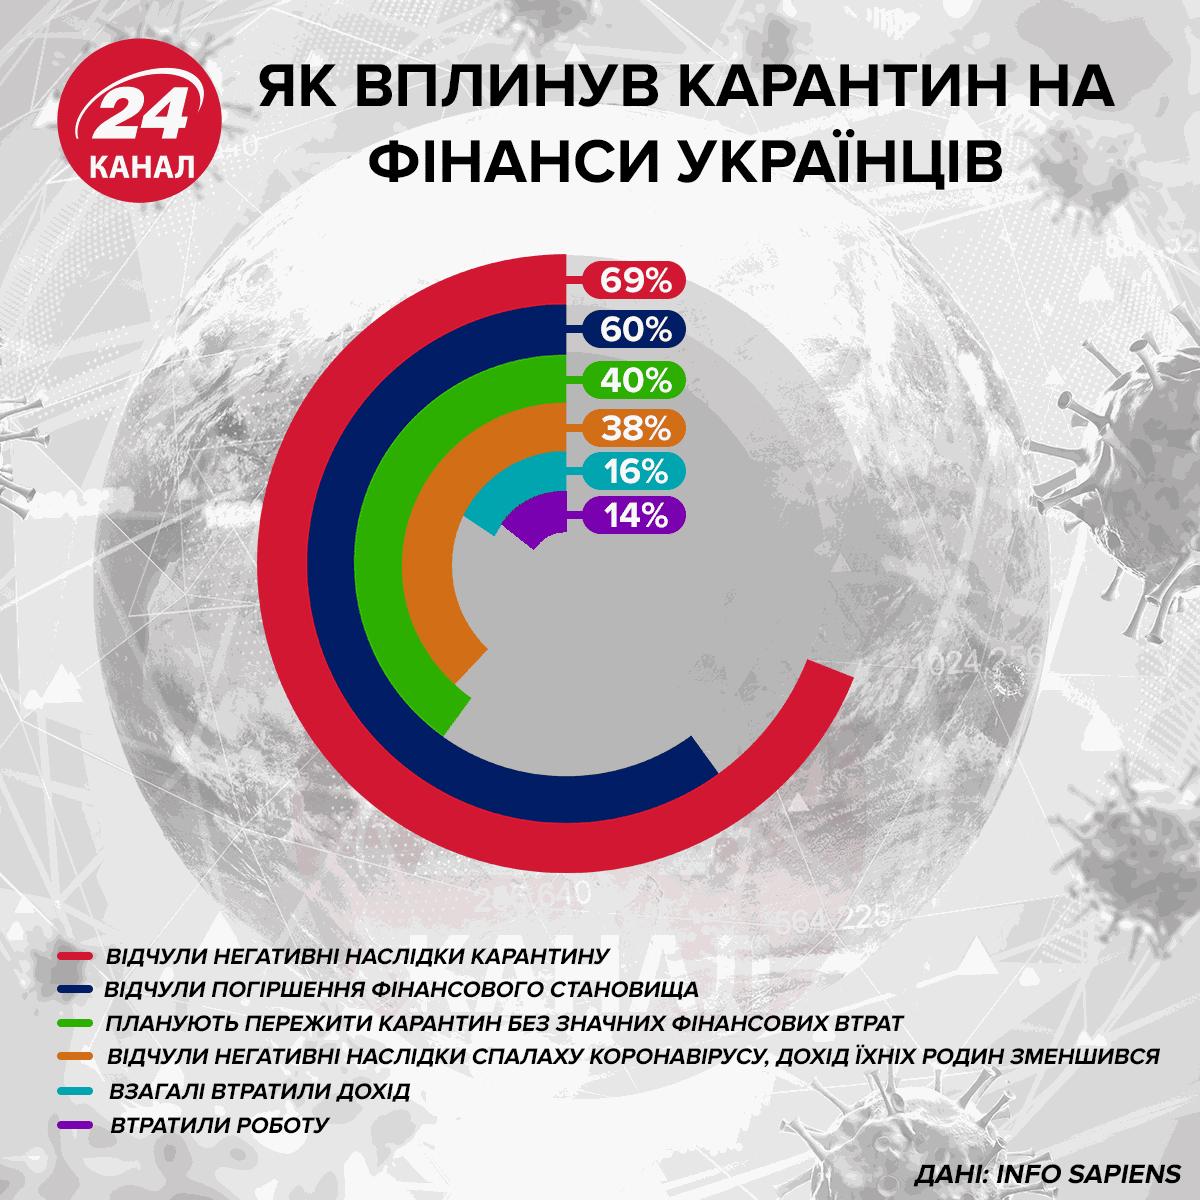 Як вплинув карантин на фінанси українців інфографіка 24 канал